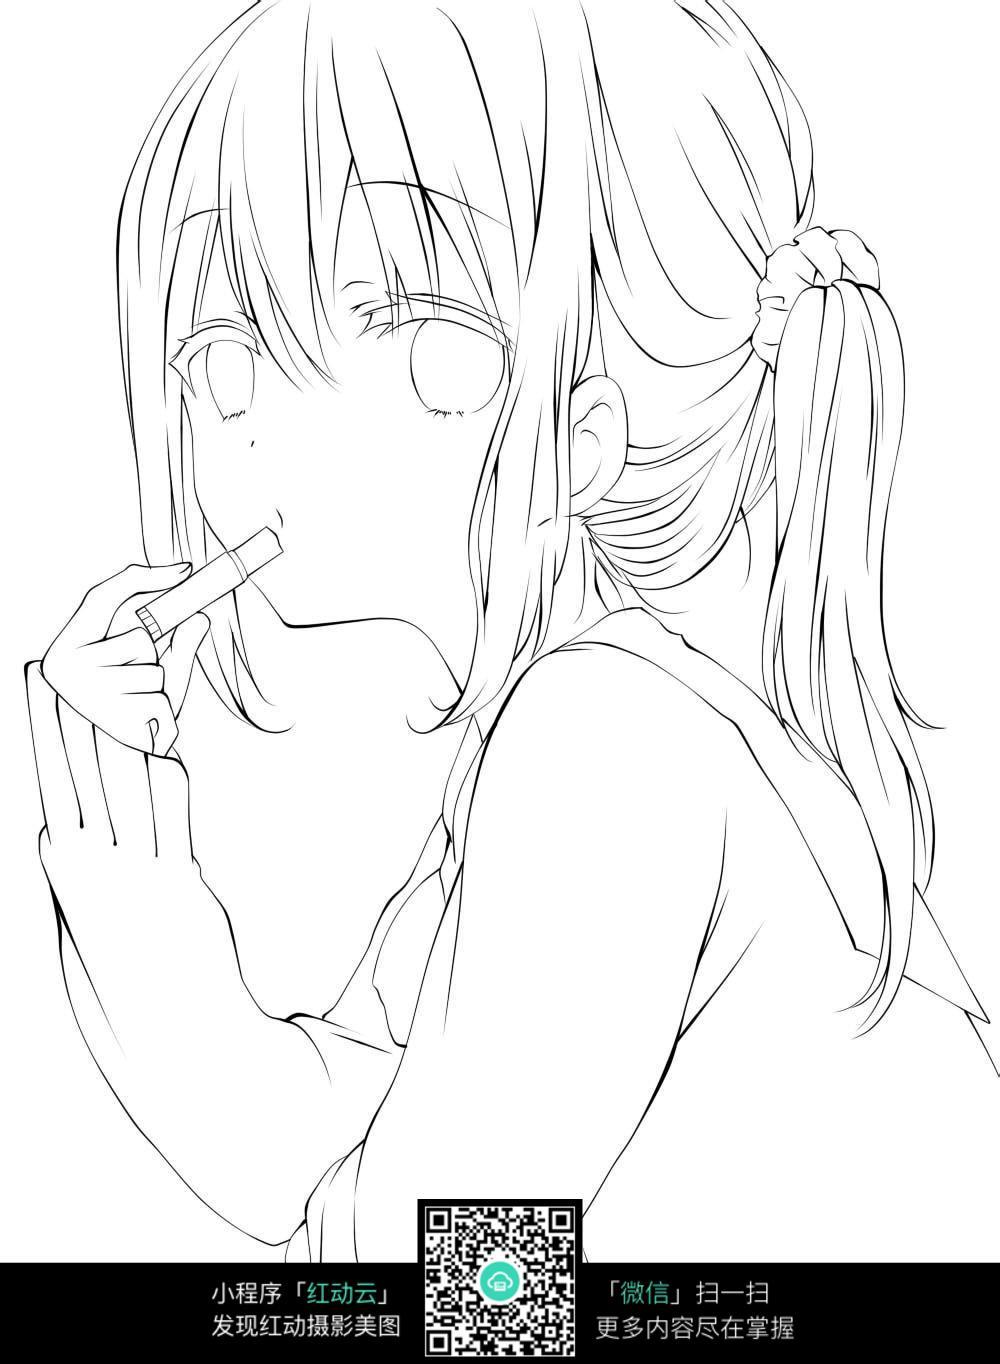 抽烟的小女孩线描_人物卡通图片